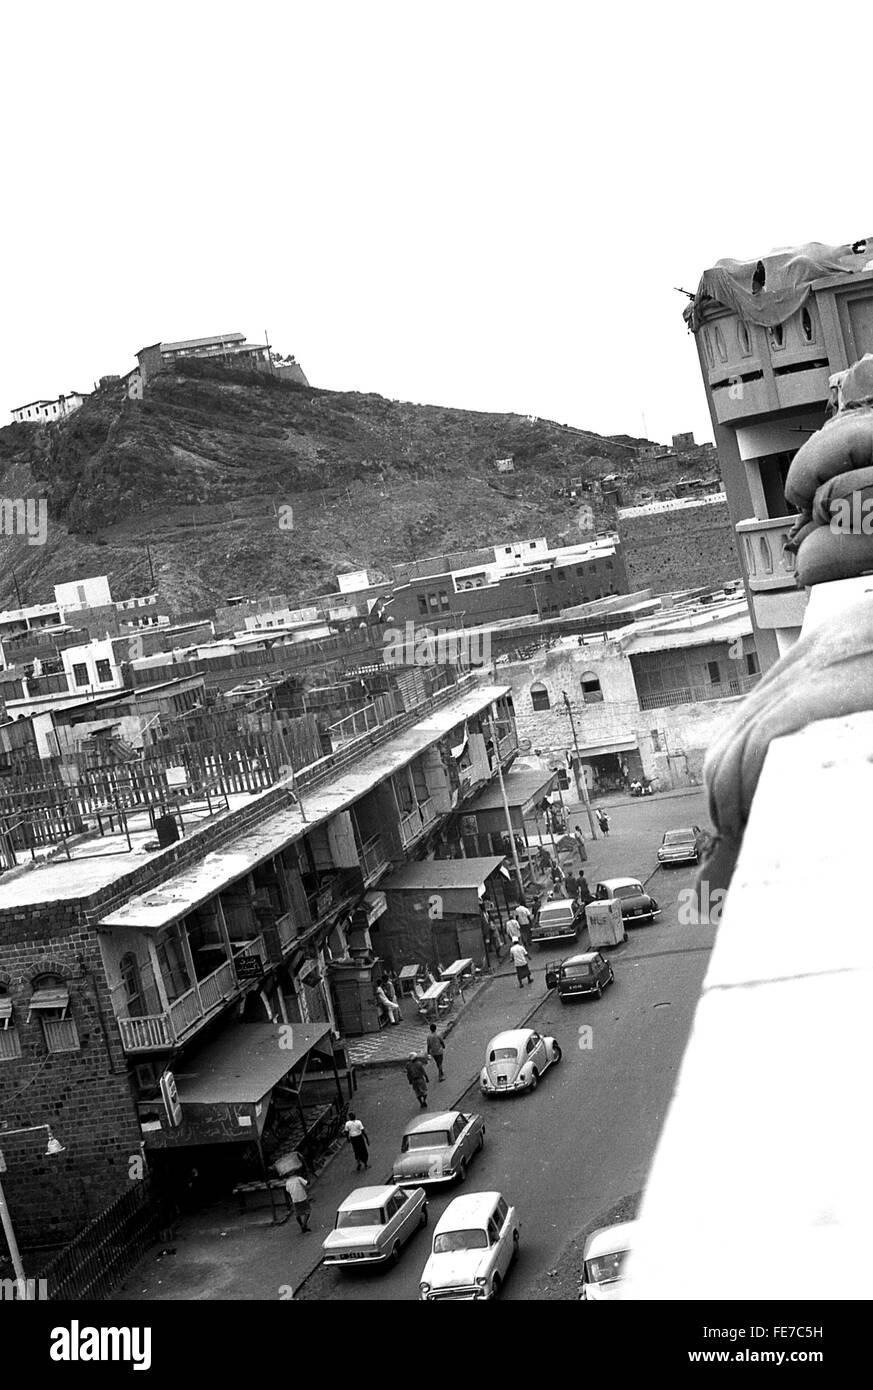 Machine guns watching over Aden Yemen 1967 withdrawal - Stock Image